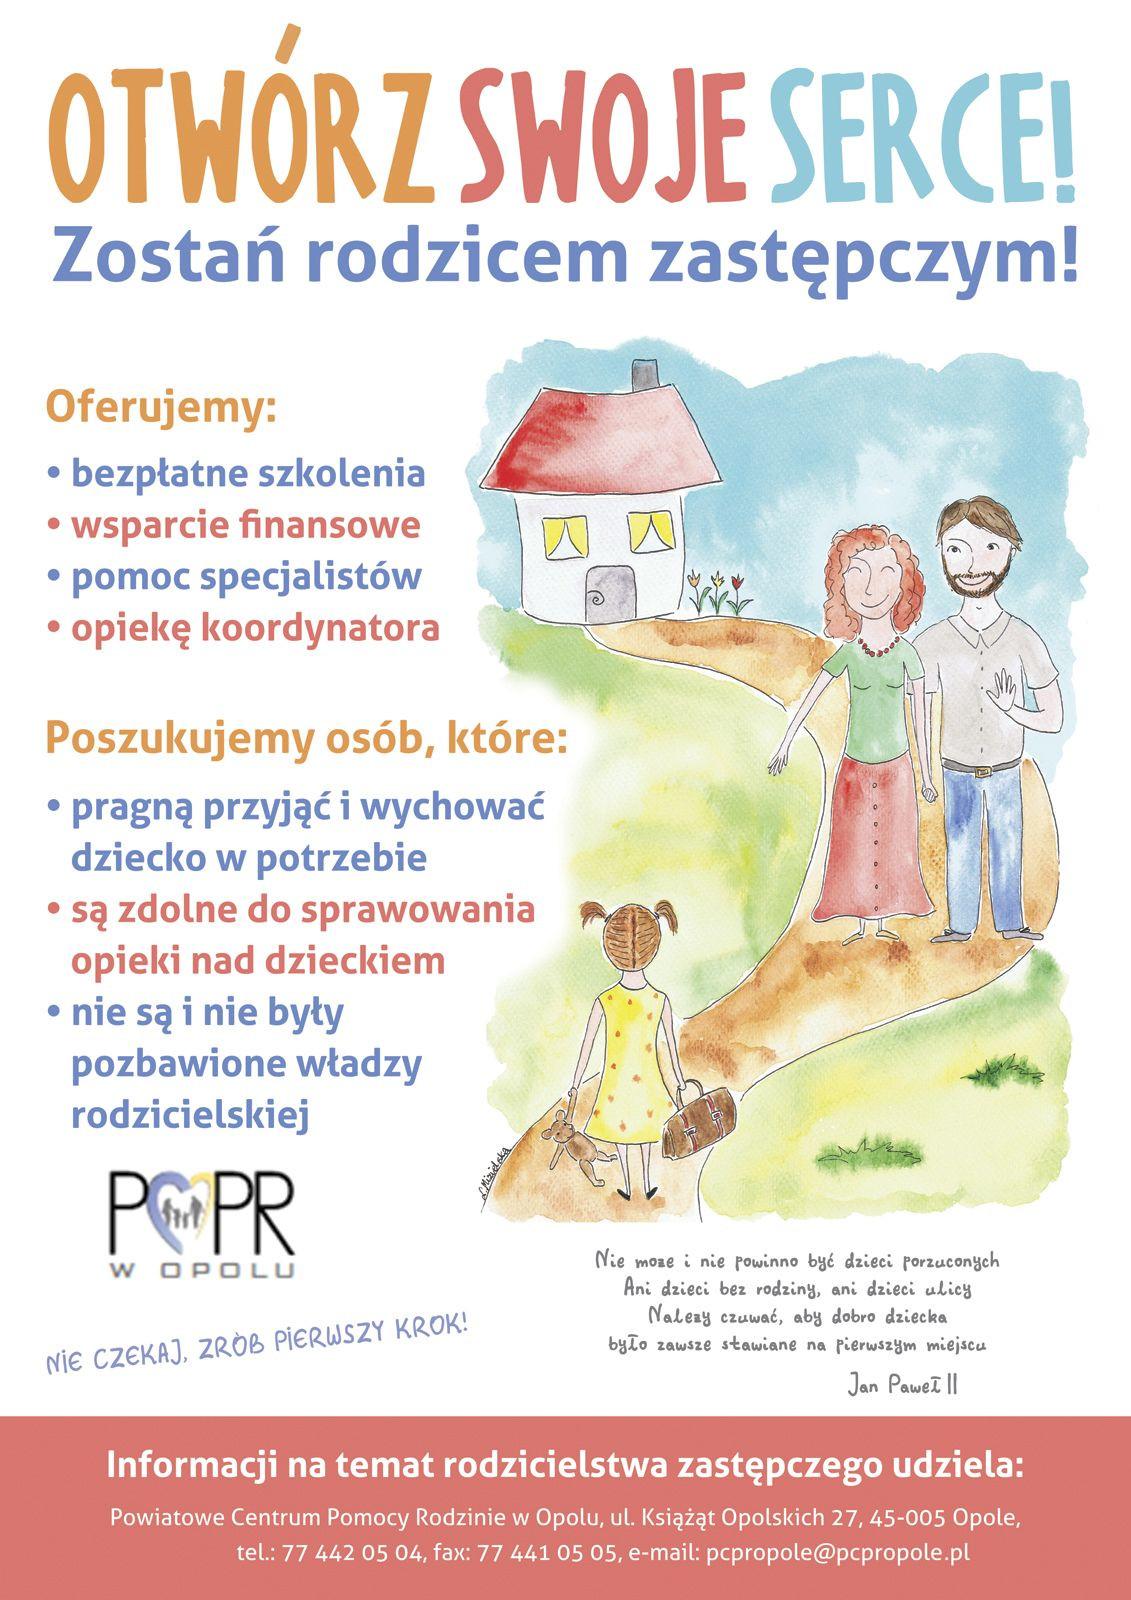 Plakat promujący rodzicielstwo zastępcze